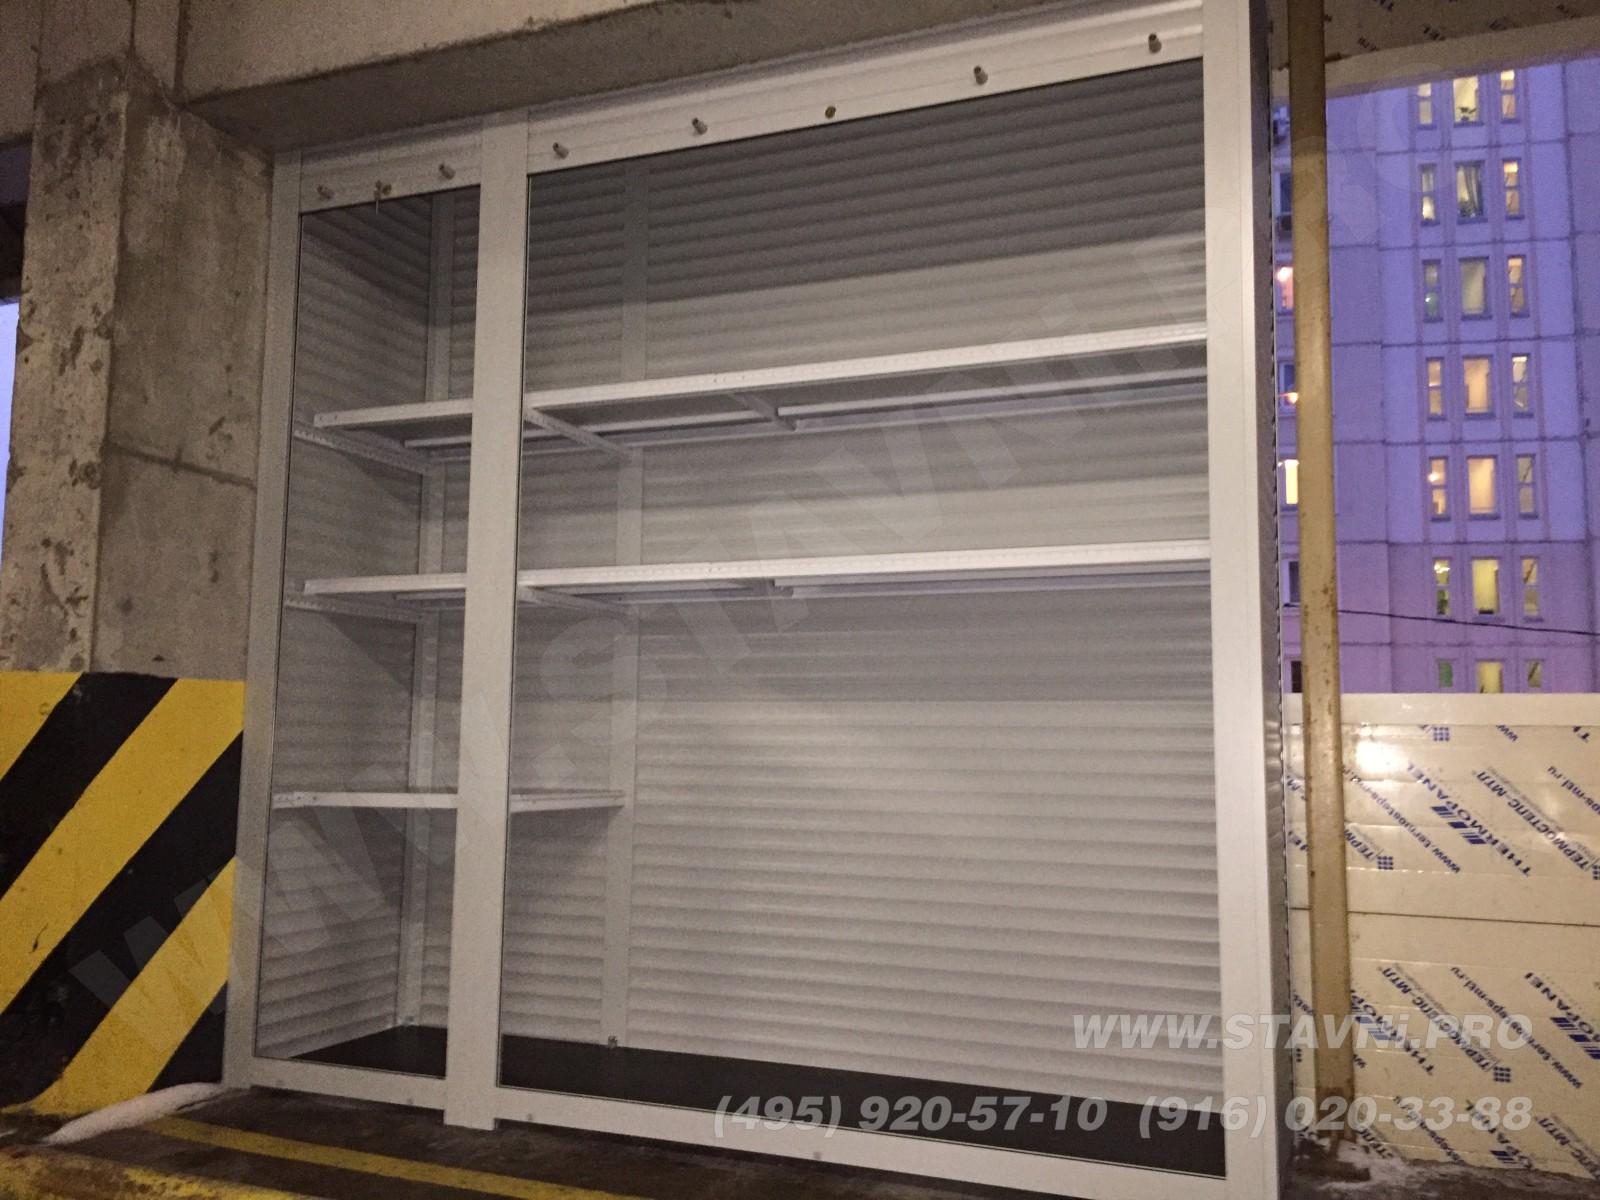 установленный шкаф с металлическими полками в народном гараже